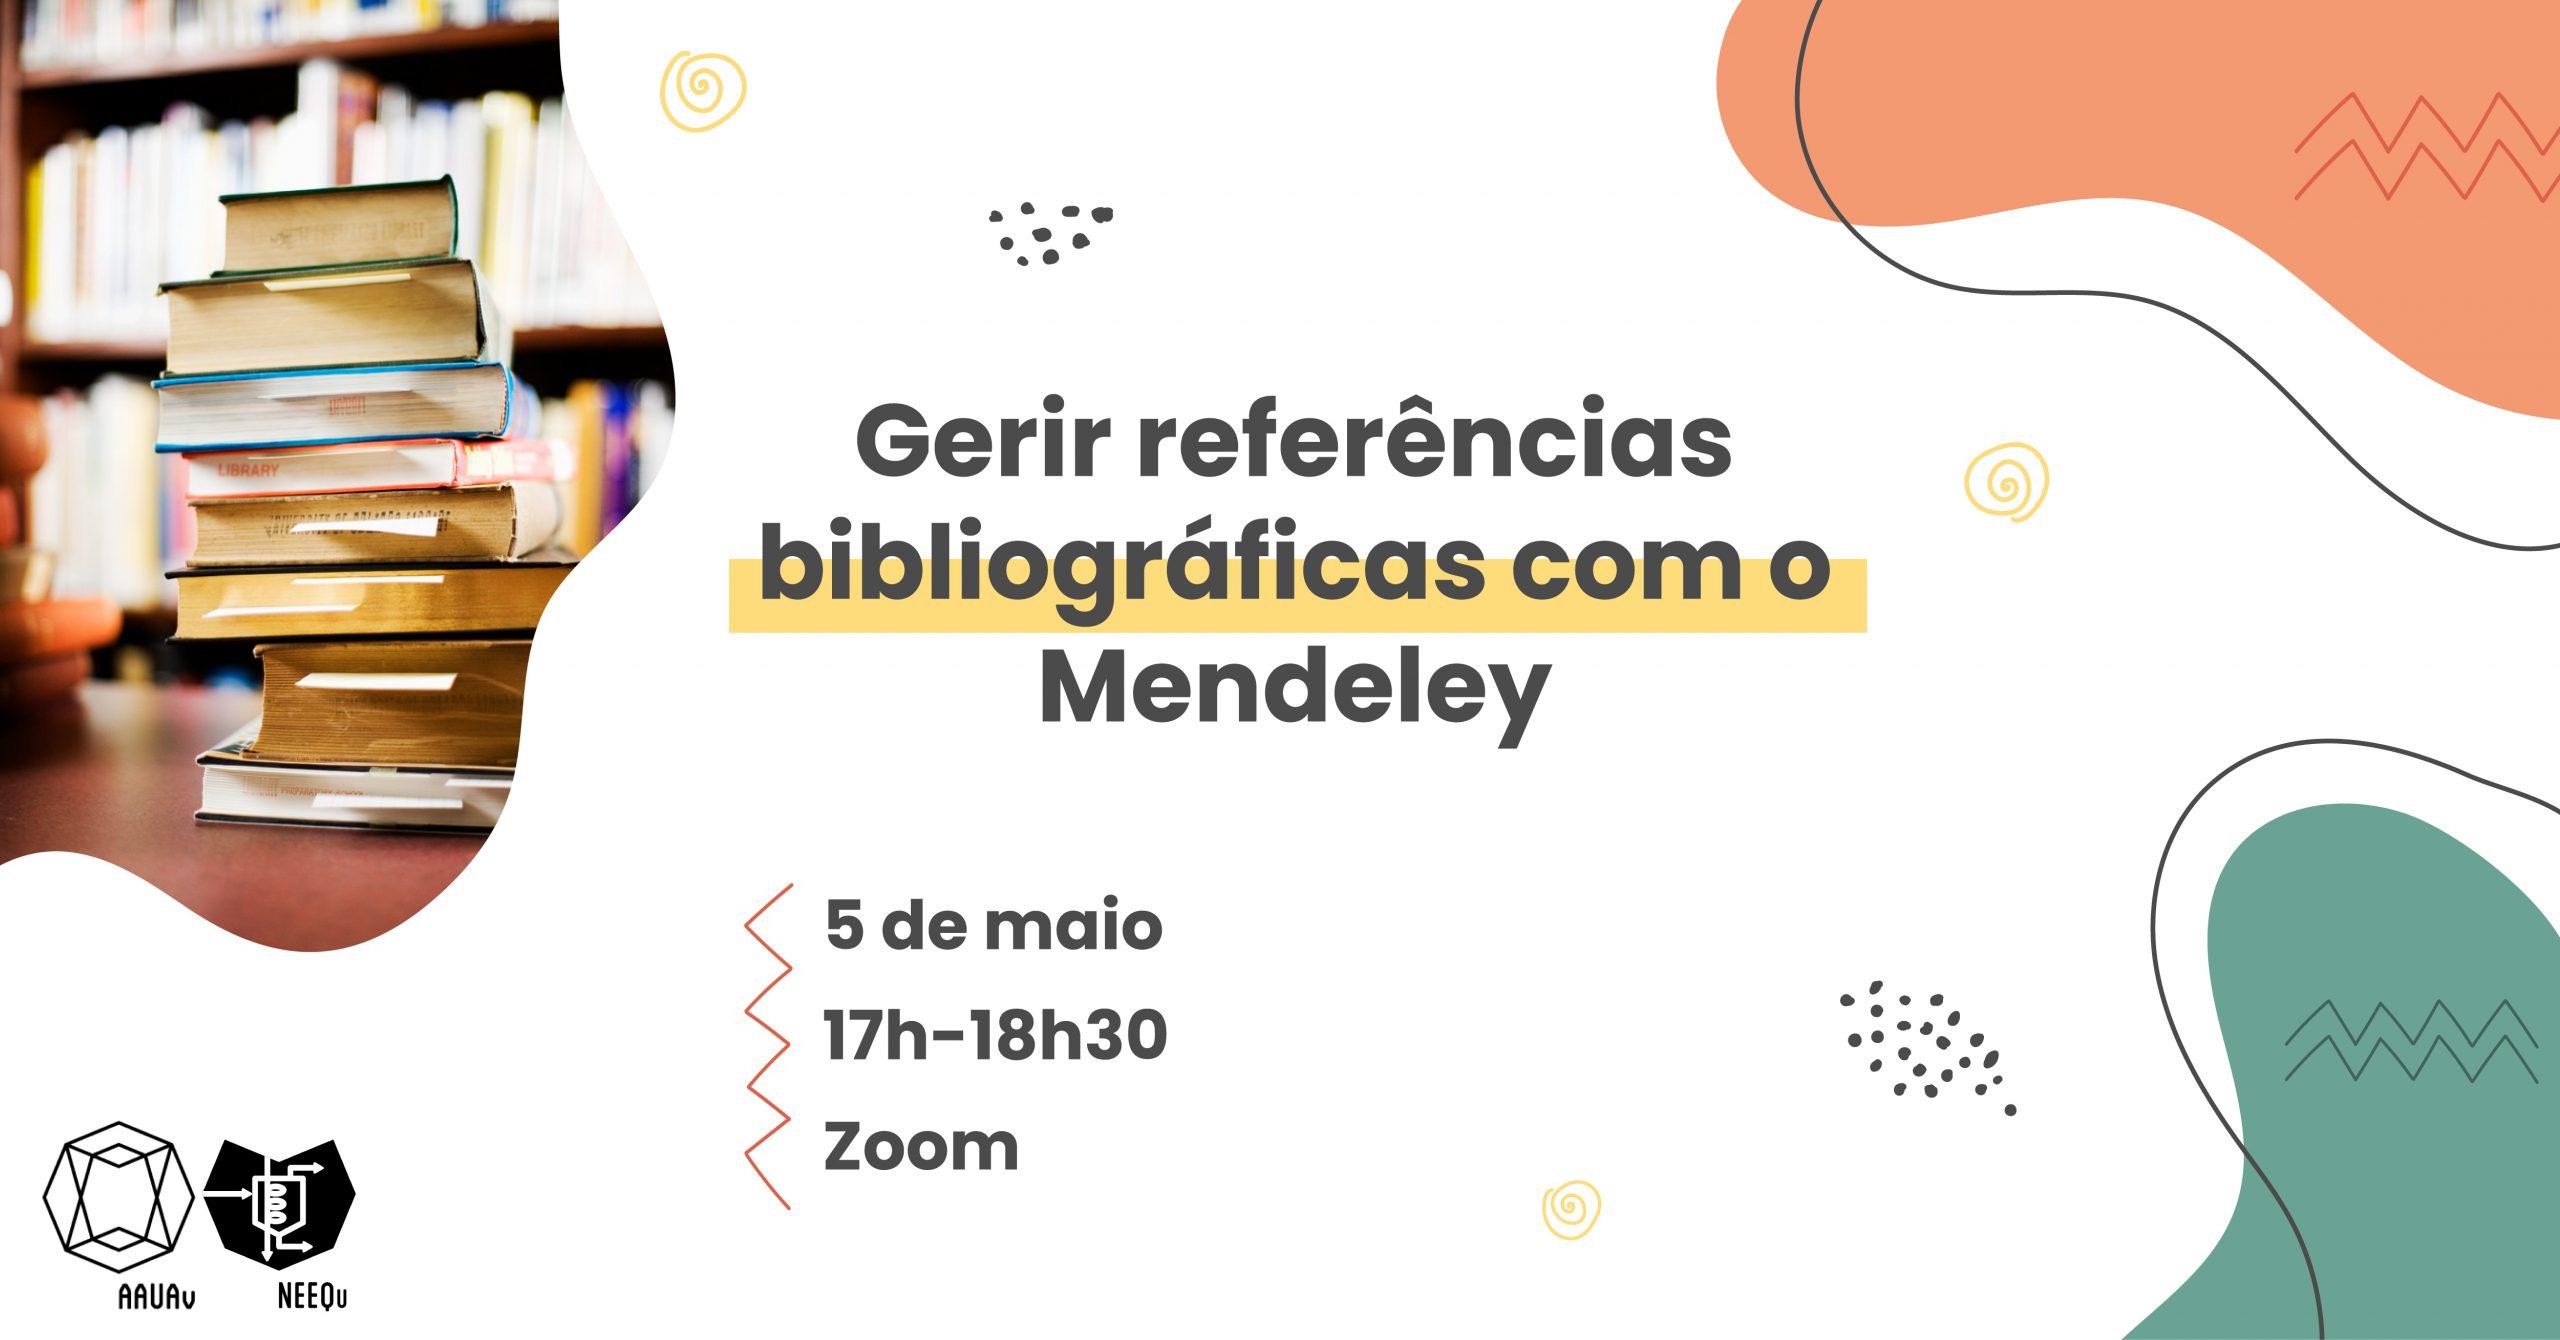 Workshop | Gerir referências bibliográficas com o Mendeley